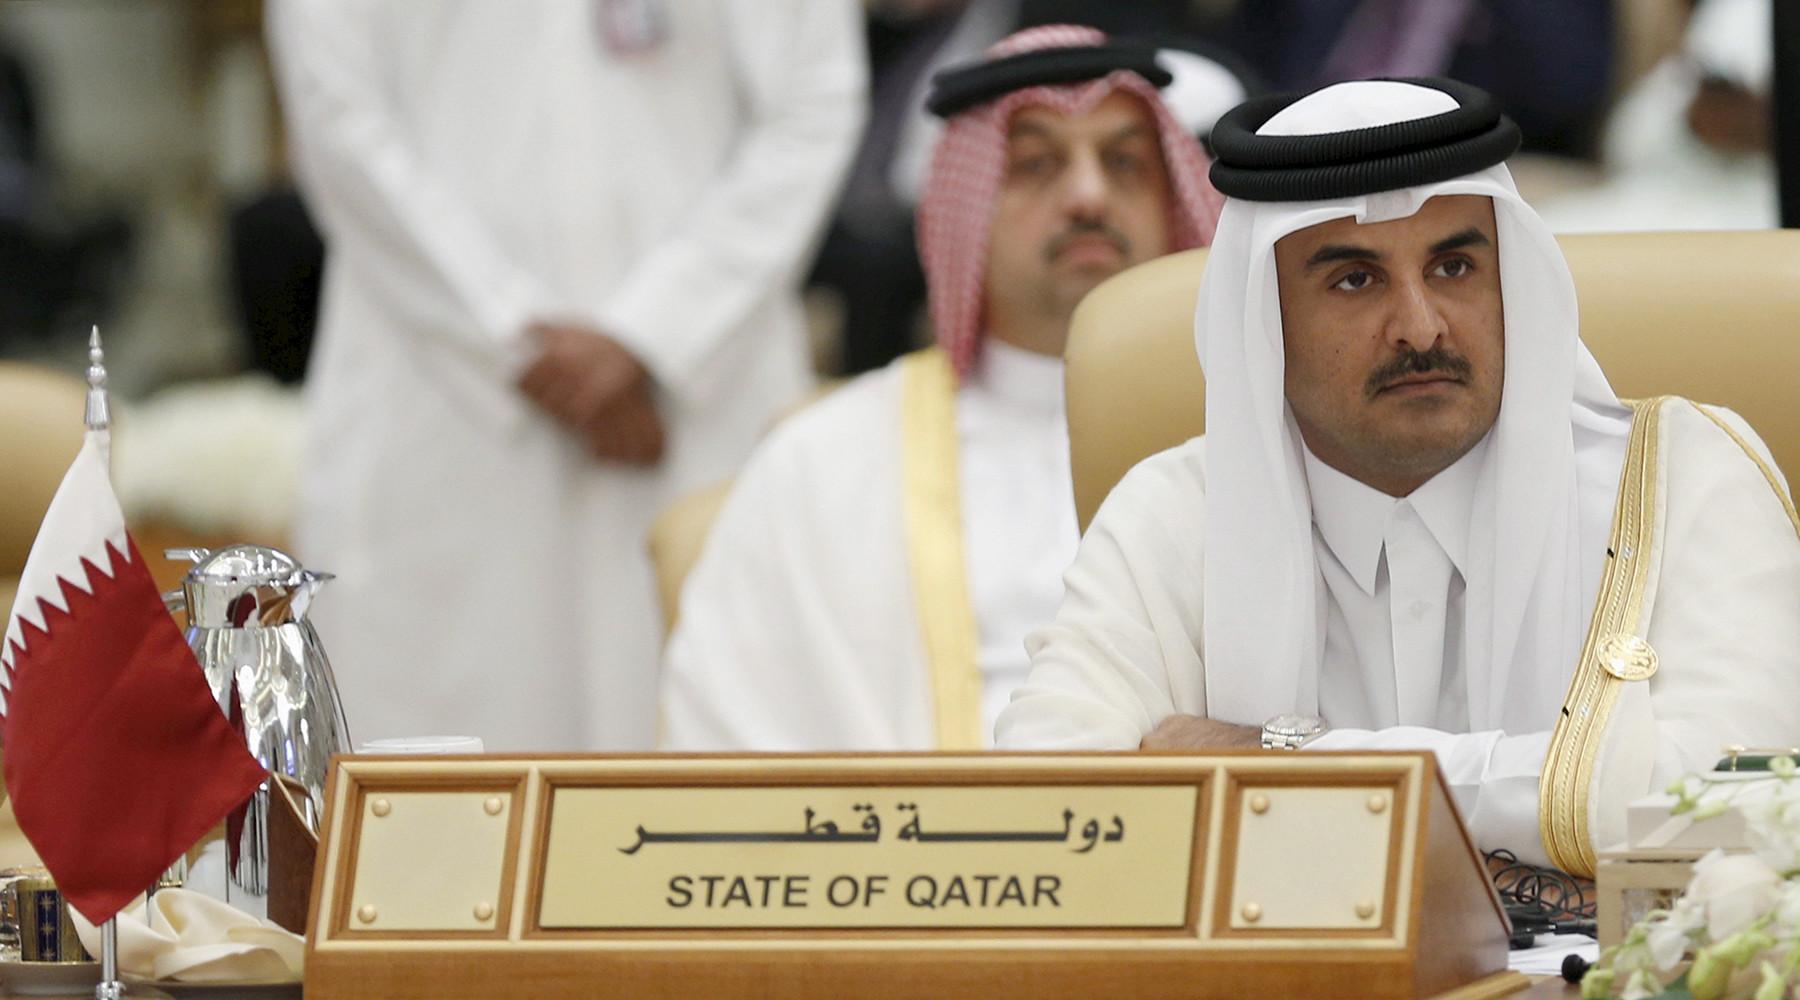 Рябь по заливу: к чему приведёт изоляция Катара на Аравийском полуострове